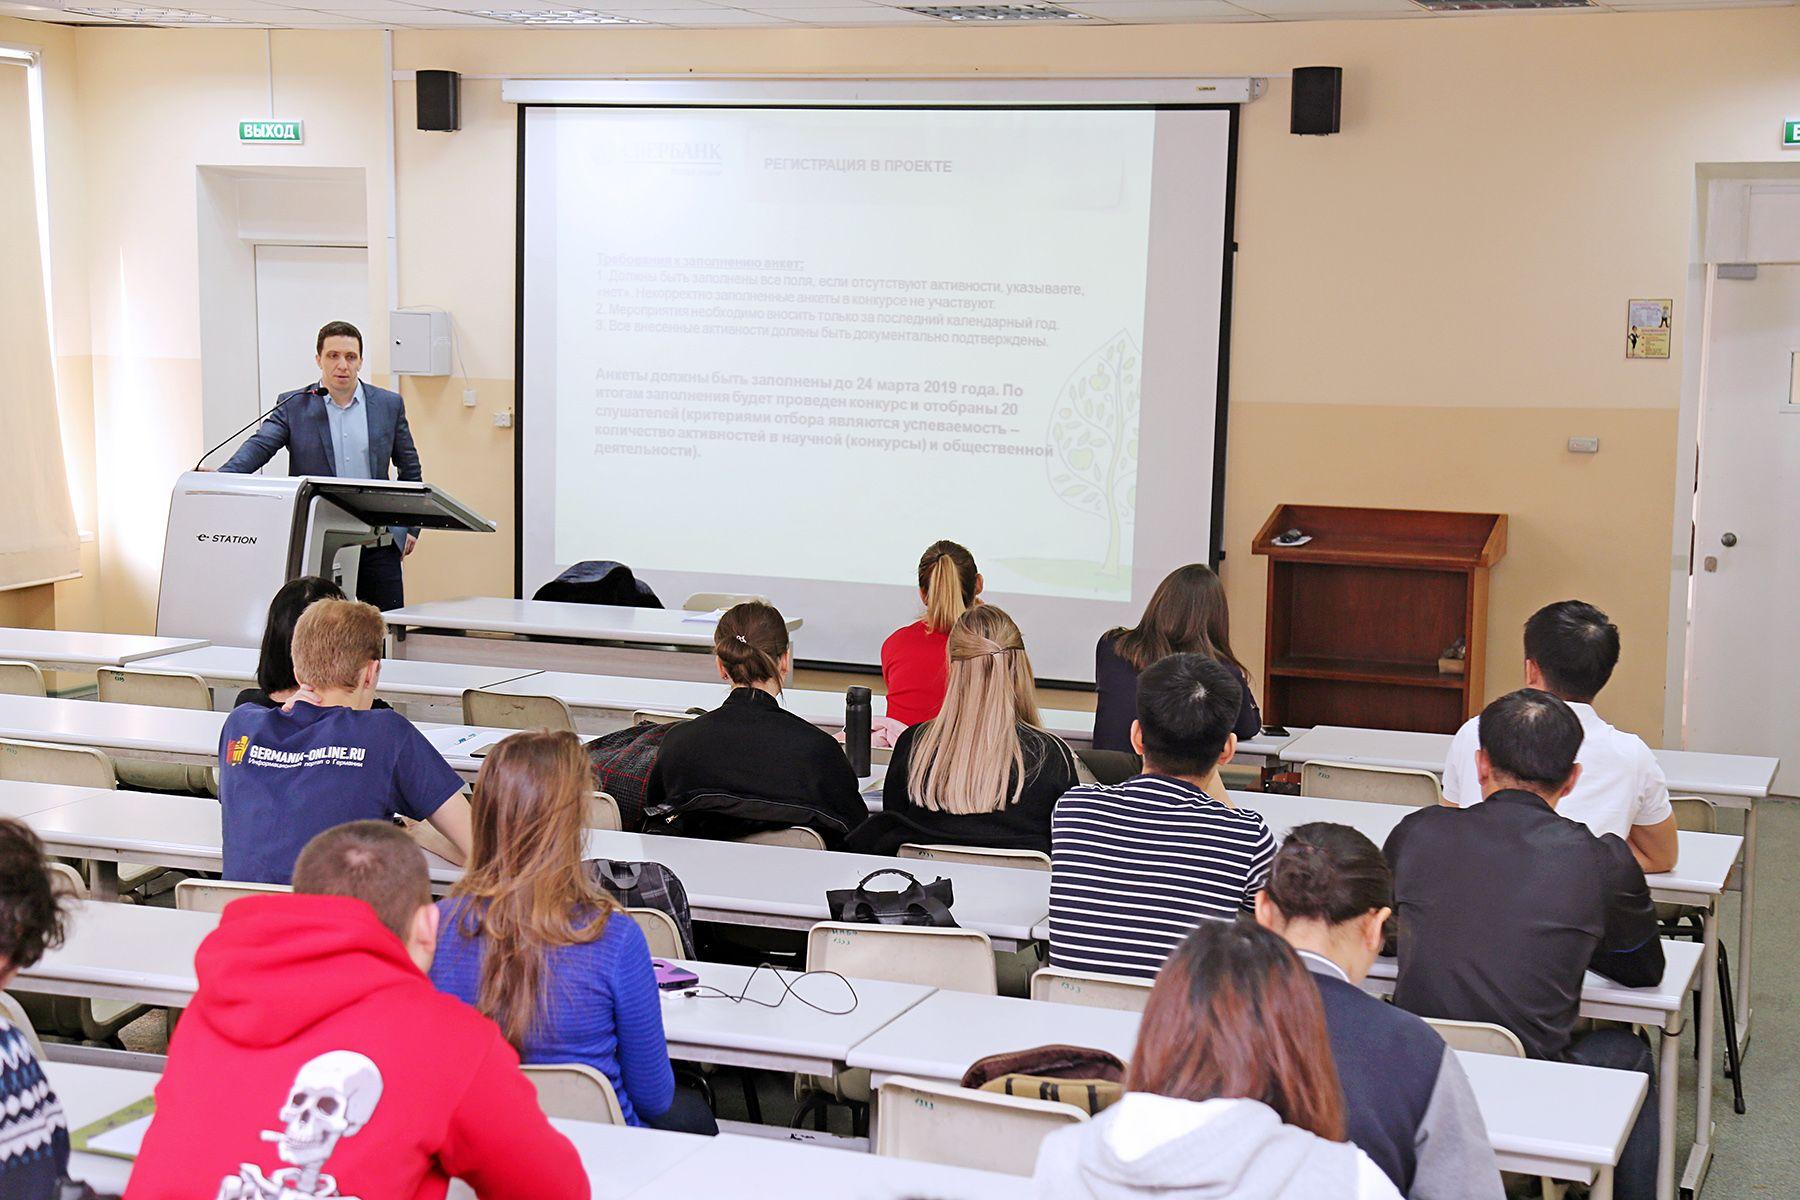 Приём заявок: Сбербанк запускает бизнес-школу для студентов ВГУЭС